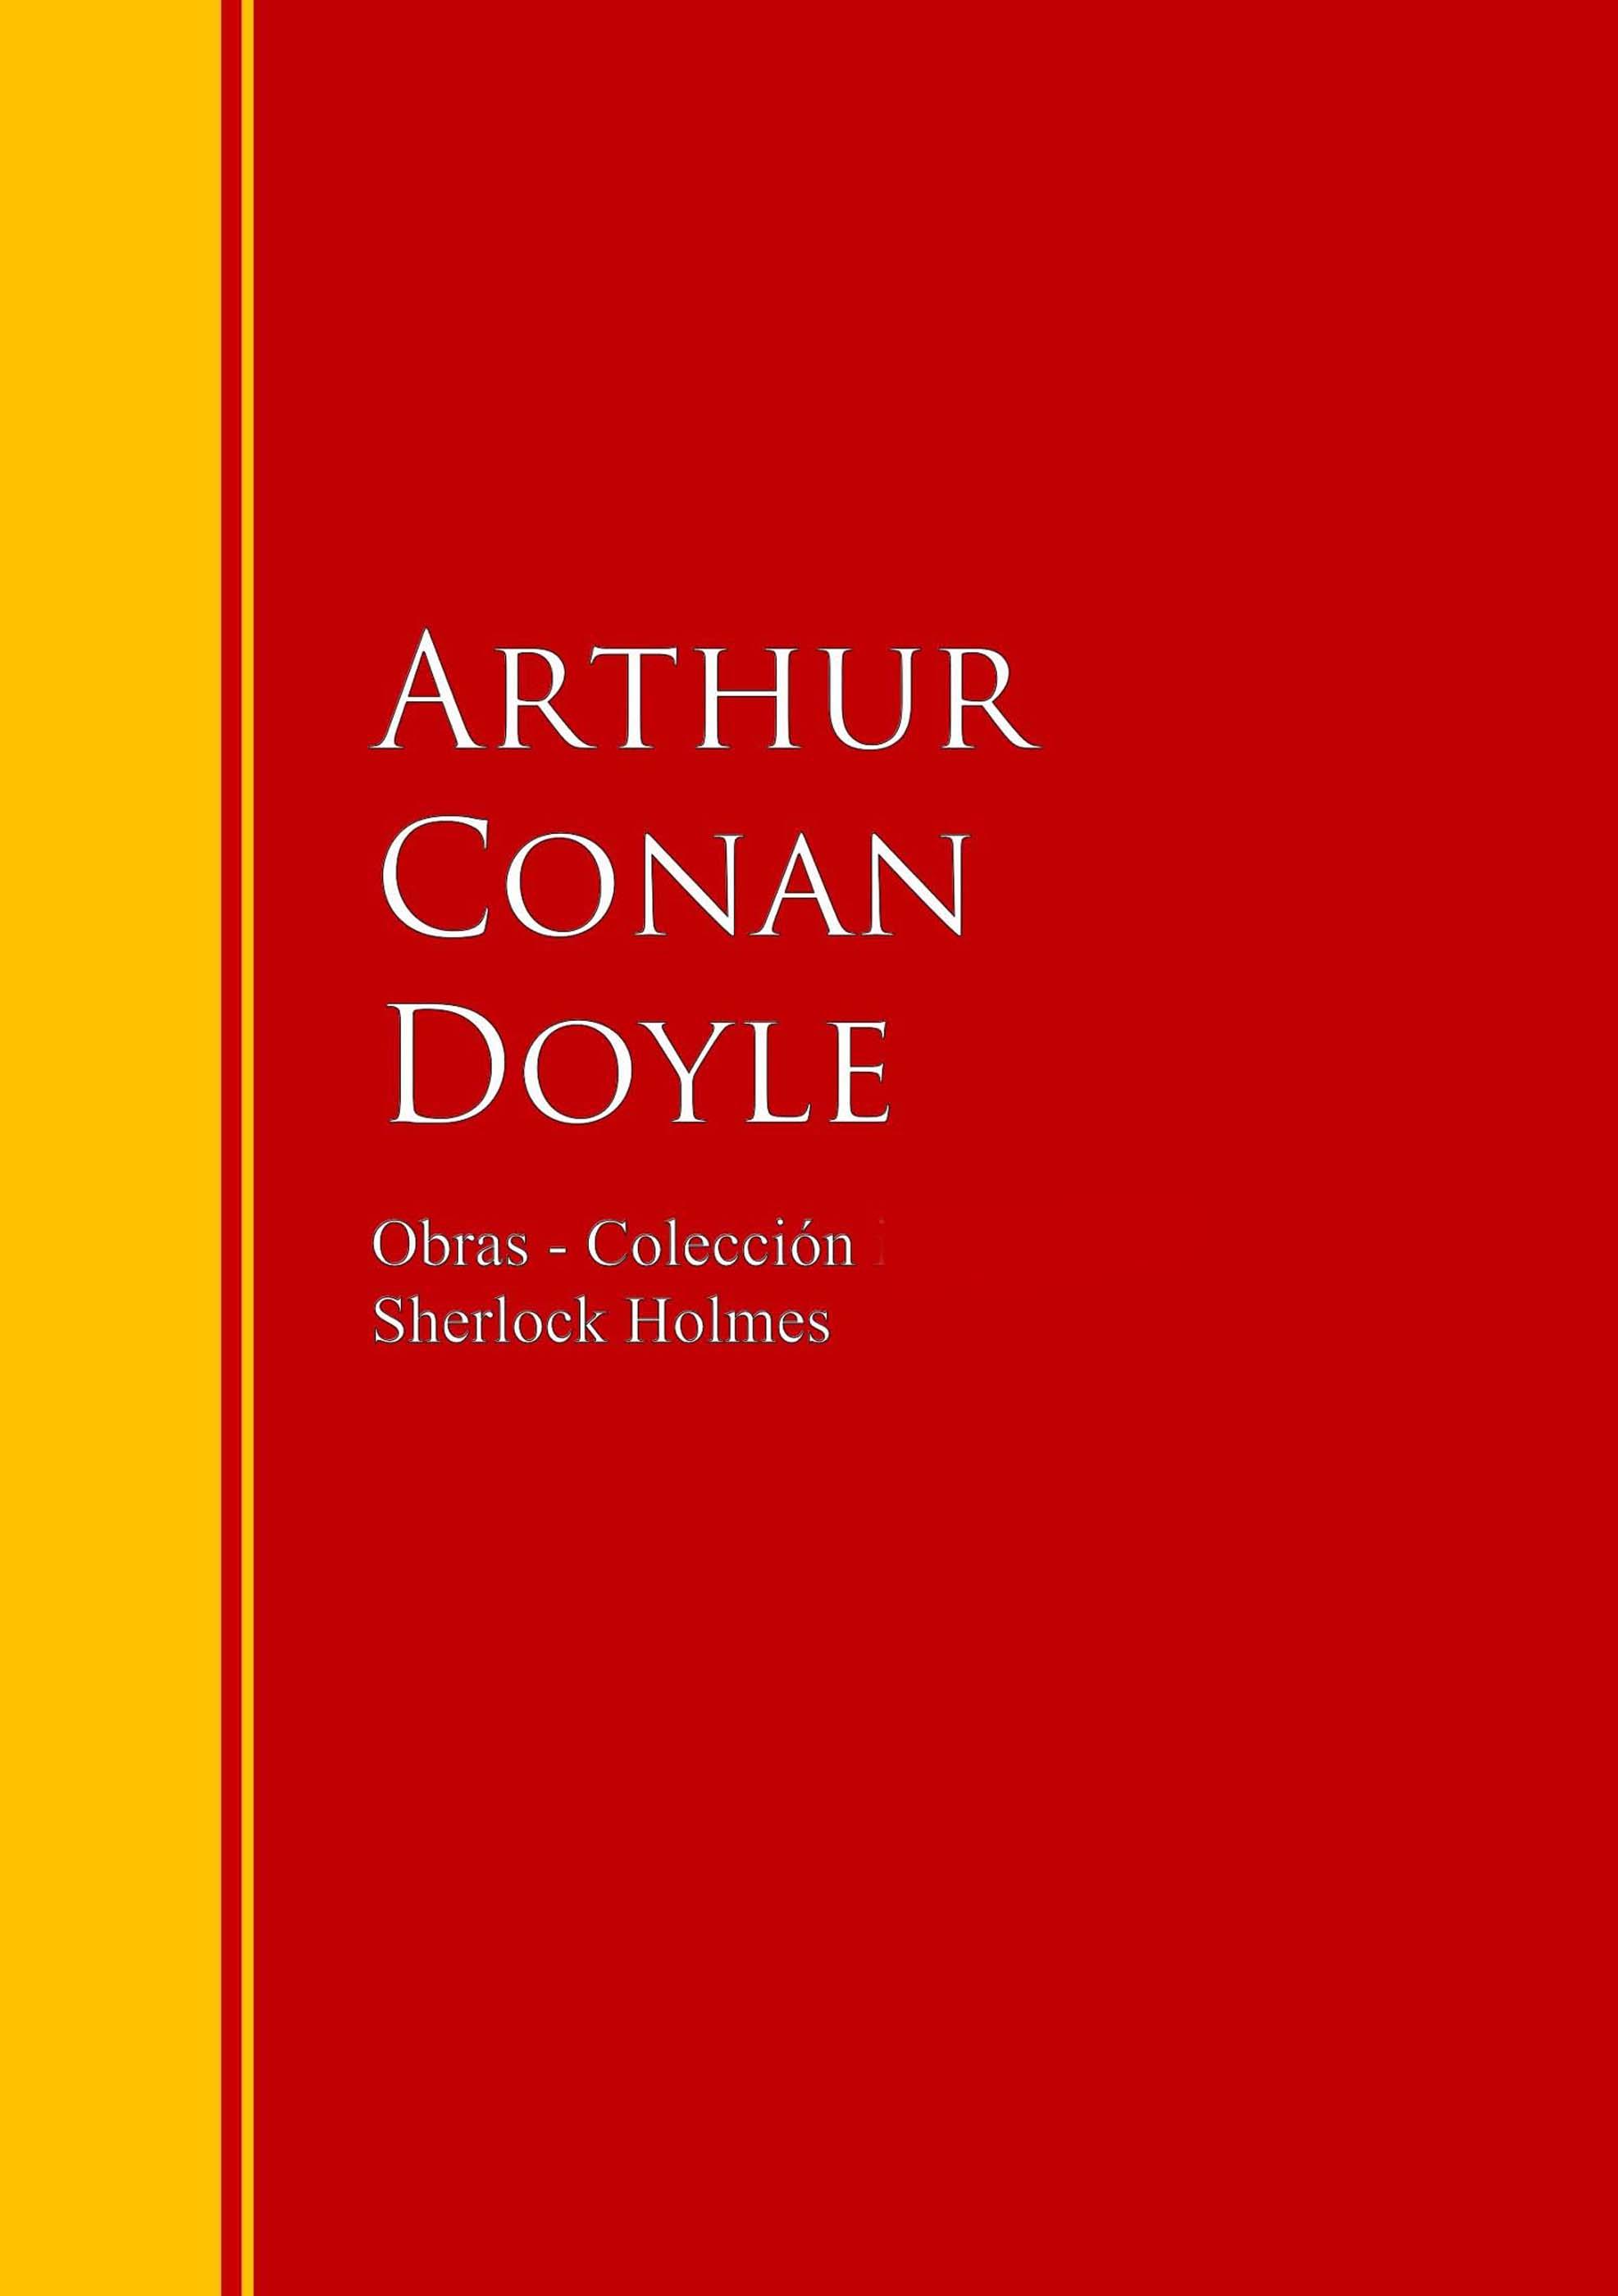 Артур Конан Дойл Obras - Colección de Sherlock Holmes артур конан дойл las aventuras de sherlock holmes golden deer classics